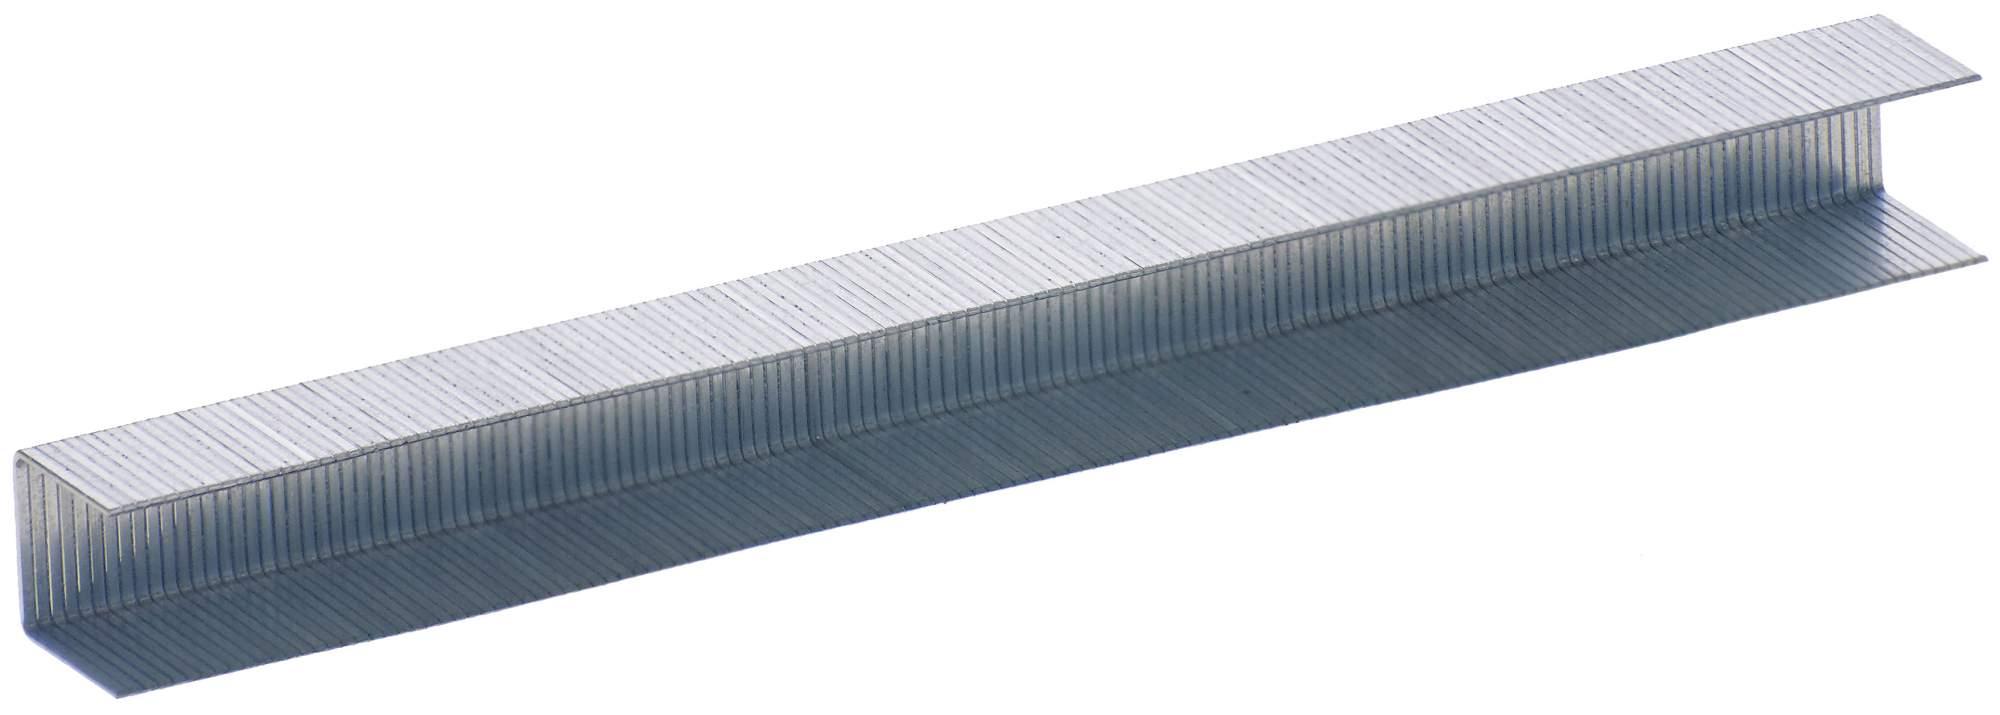 Cкоба для S1216_12,9*14 мм_5000 шт,